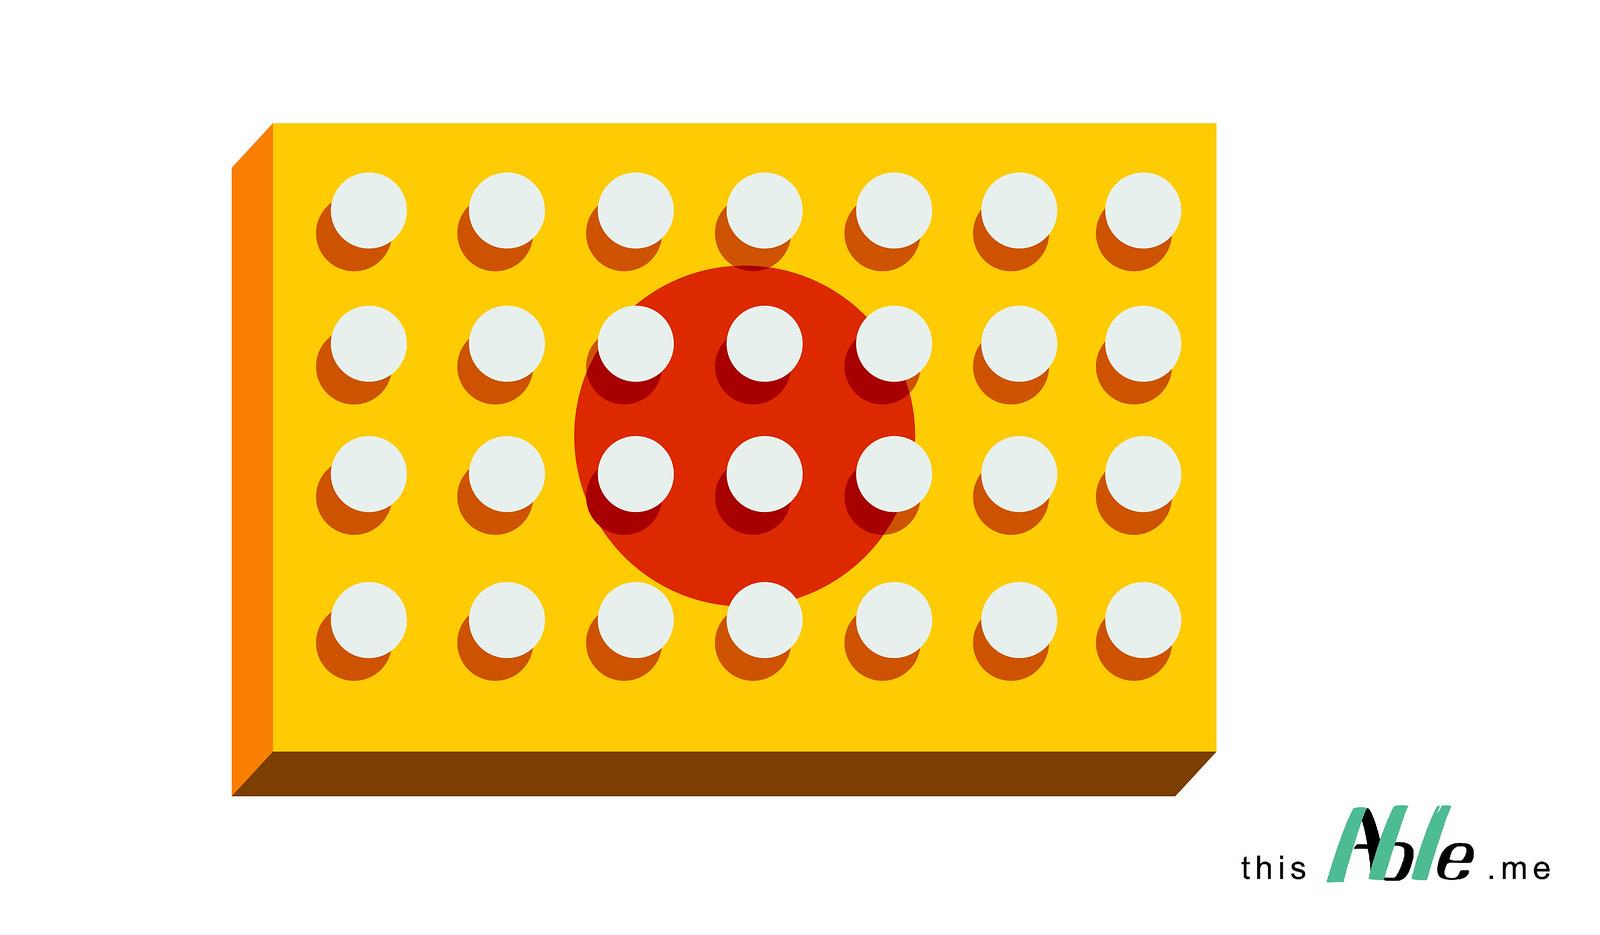 รูปแผ่นเบรลล์บล็อกลายธงชาติญุี่ปุ่น